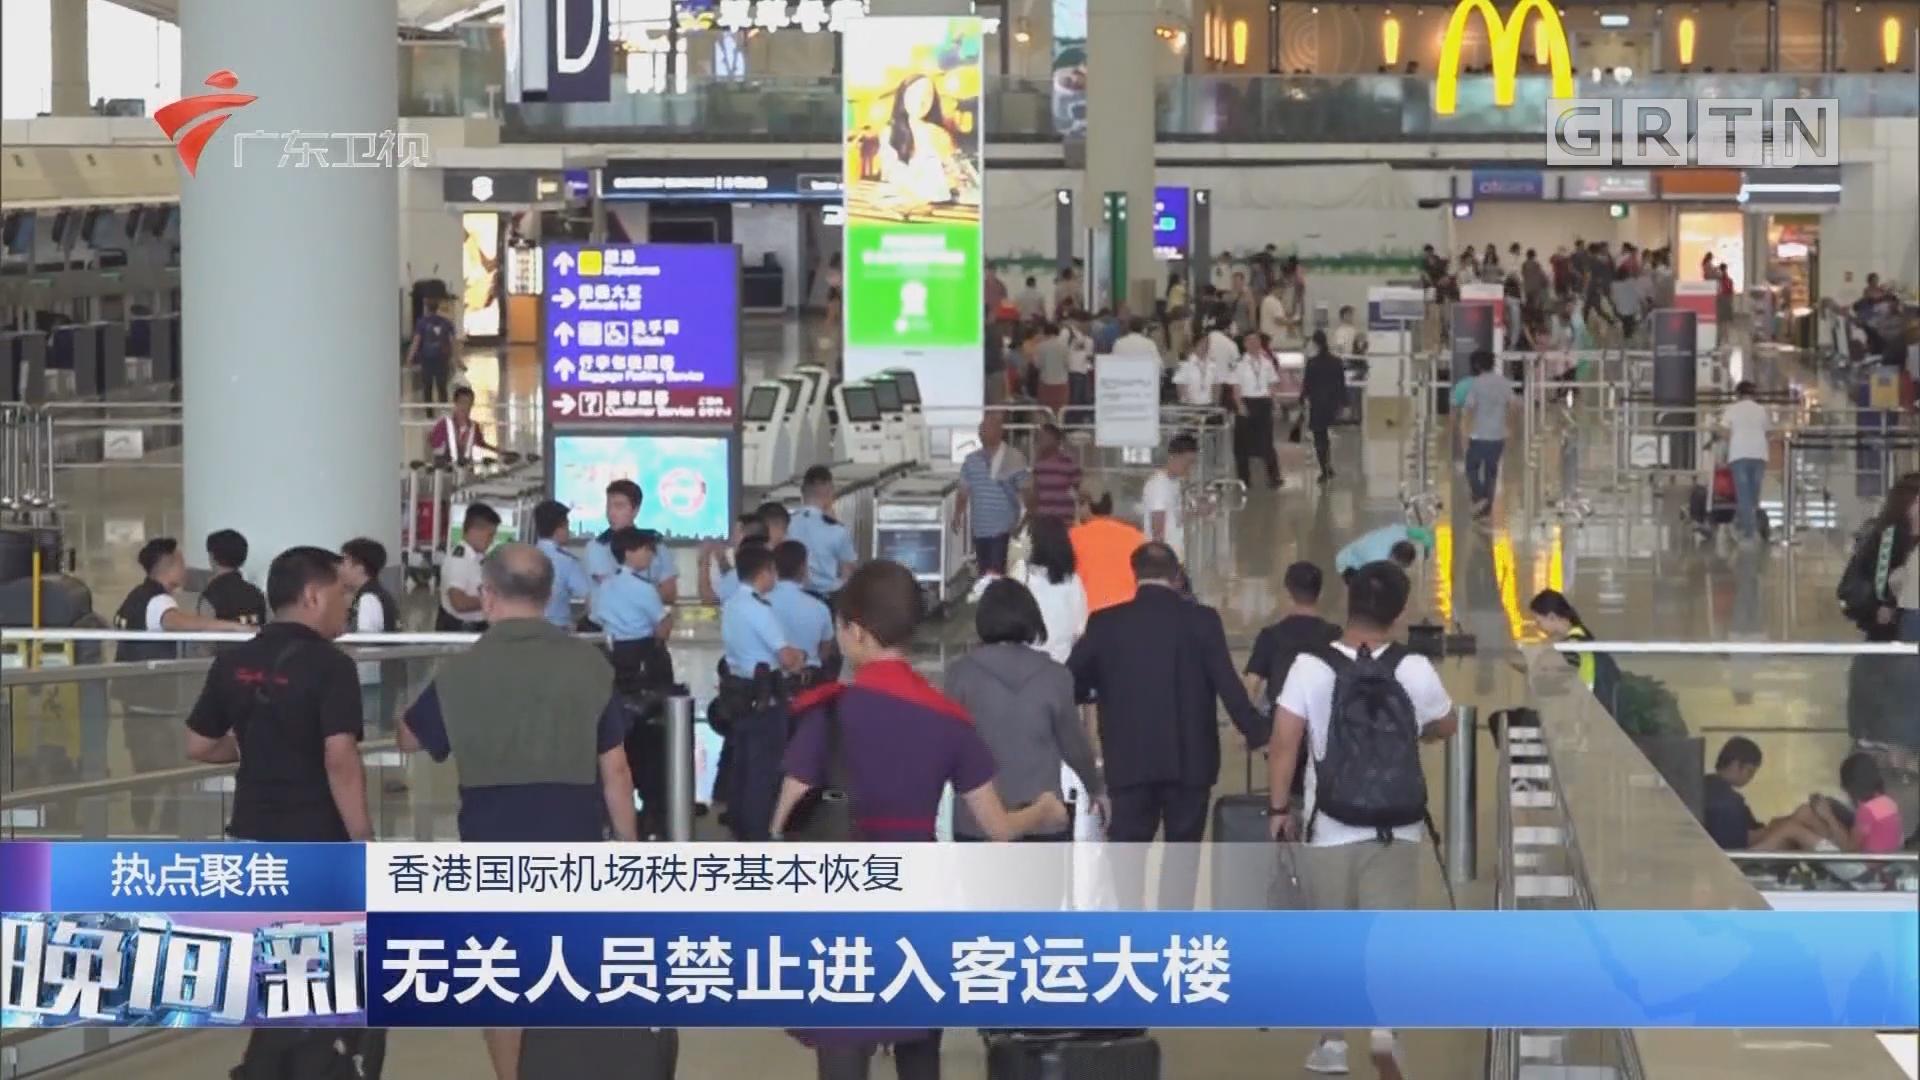 香港国际机场秩序基本恢复 无关人员禁止进入客运大楼